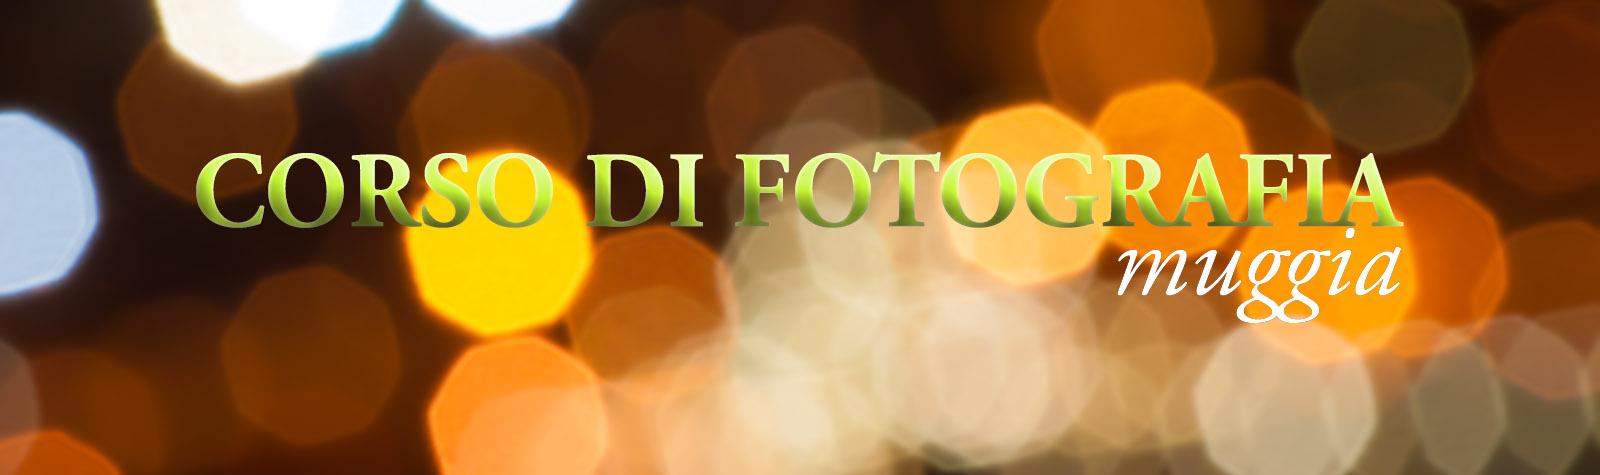 Corso di Fotografia a Muggia – Livello 1